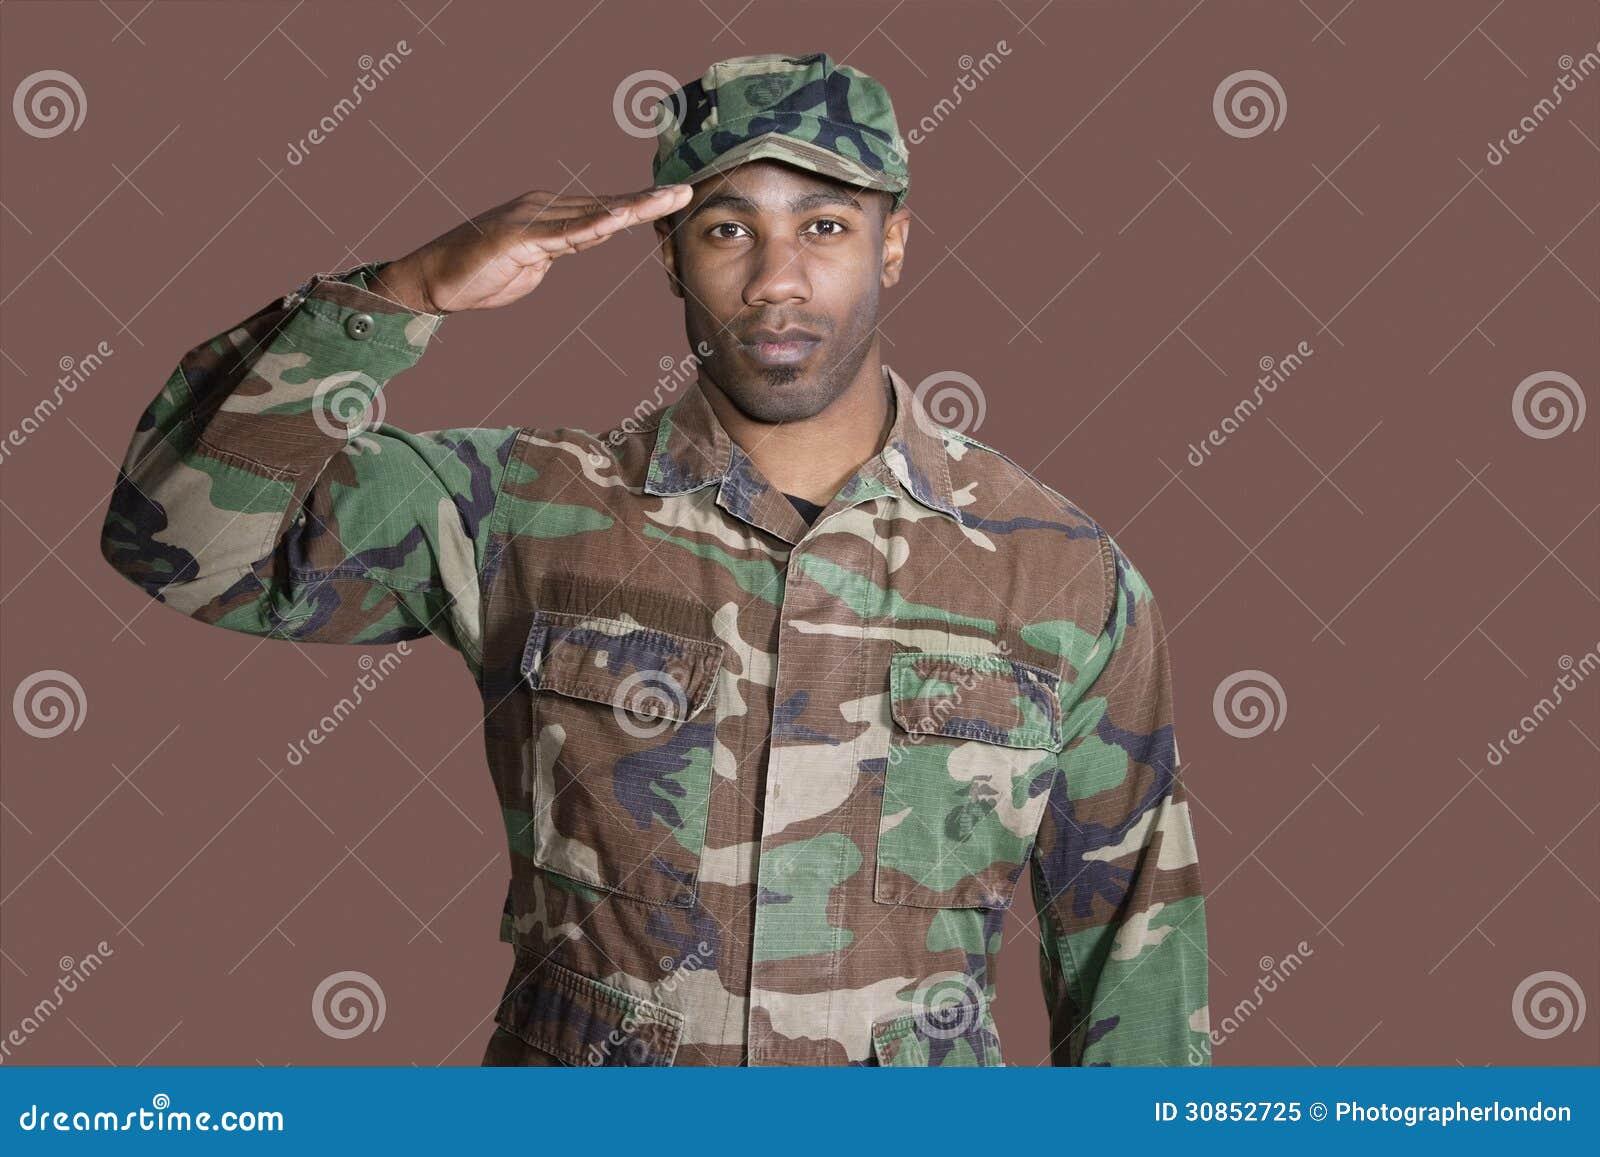 Πορτρέτο ενός νέου στρατιώτη αμερικανικού Στρατεύματος Πεζοναυτών αφροαμερικάνων που χαιρετίζει πέρα από το καφετί υπόβαθρο